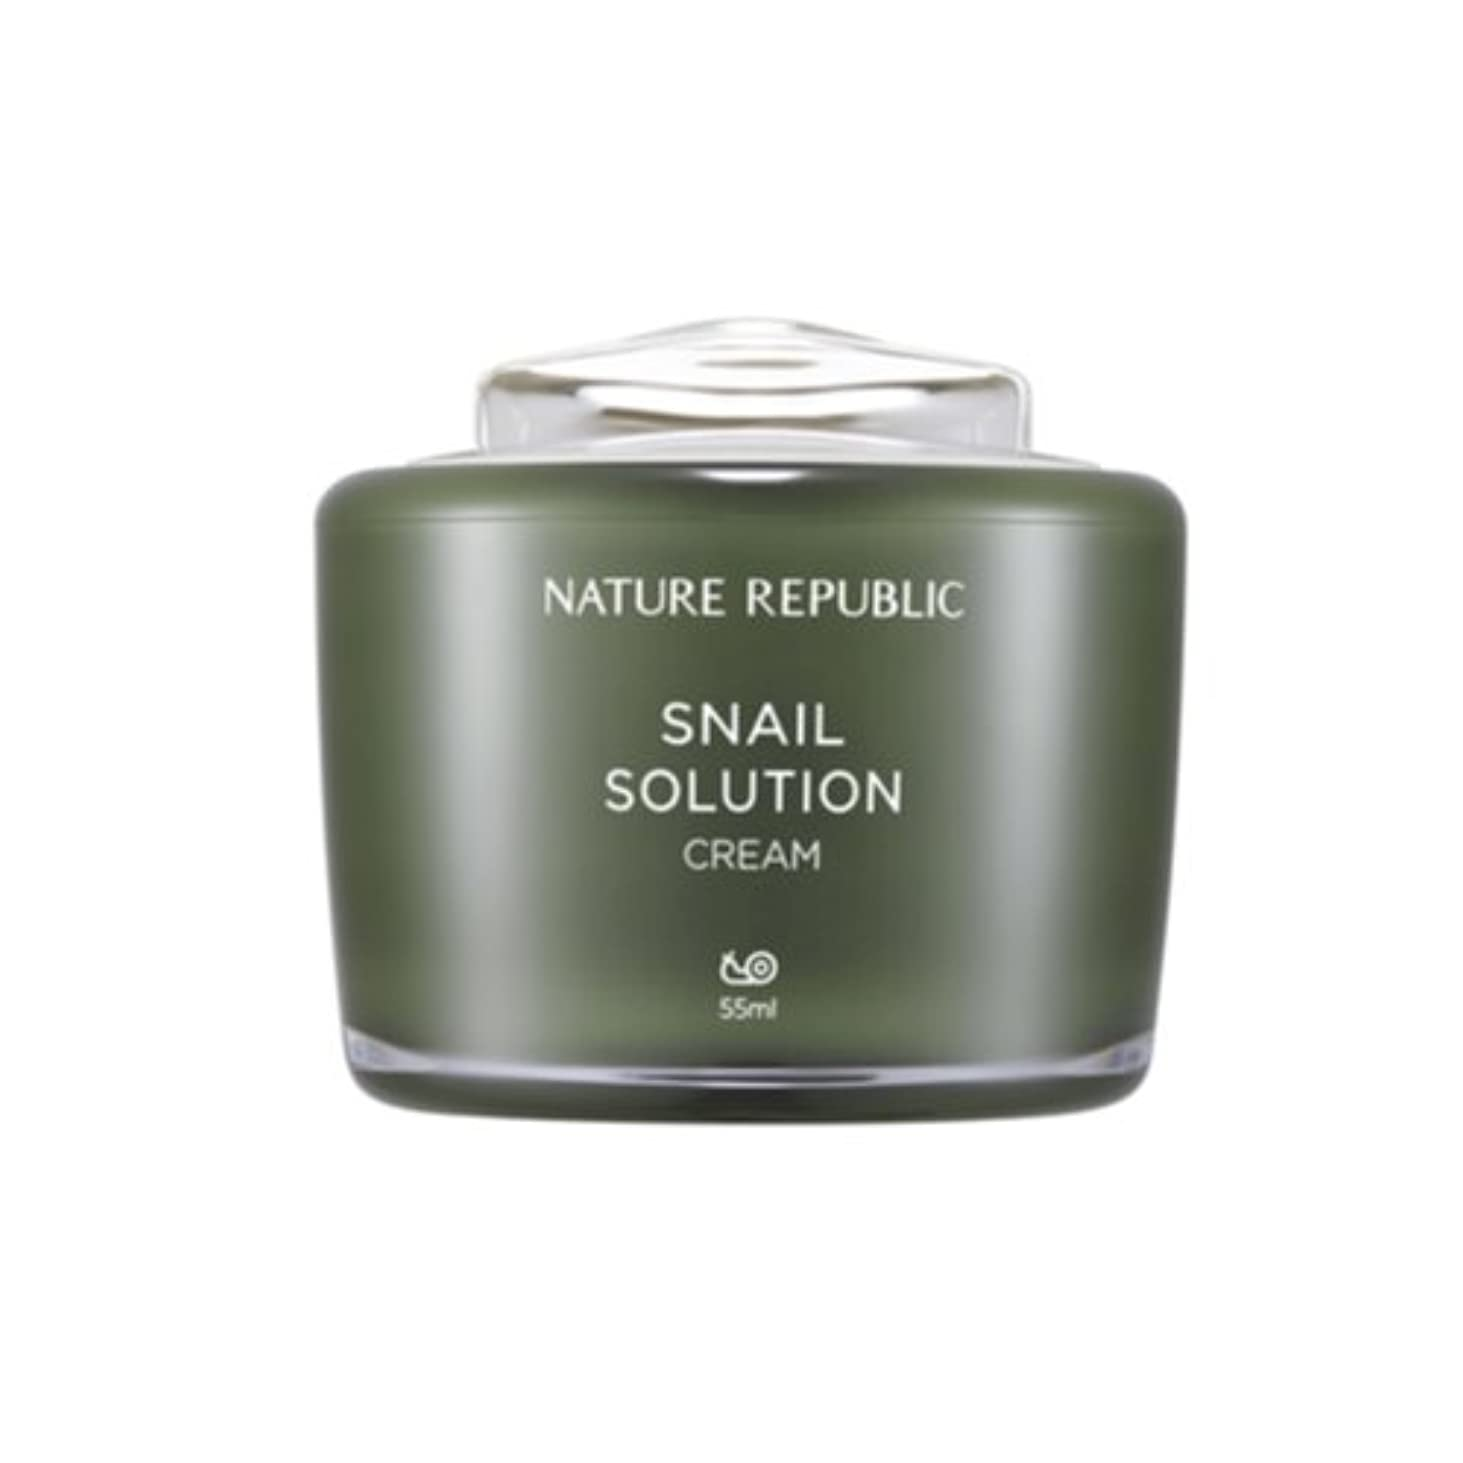 パイプライン不規則性地質学[ネイチャーリパブリック] Nature republicスネイルソリューションクリーム海外直送品(Snail Solution Cream) [並行輸入品]